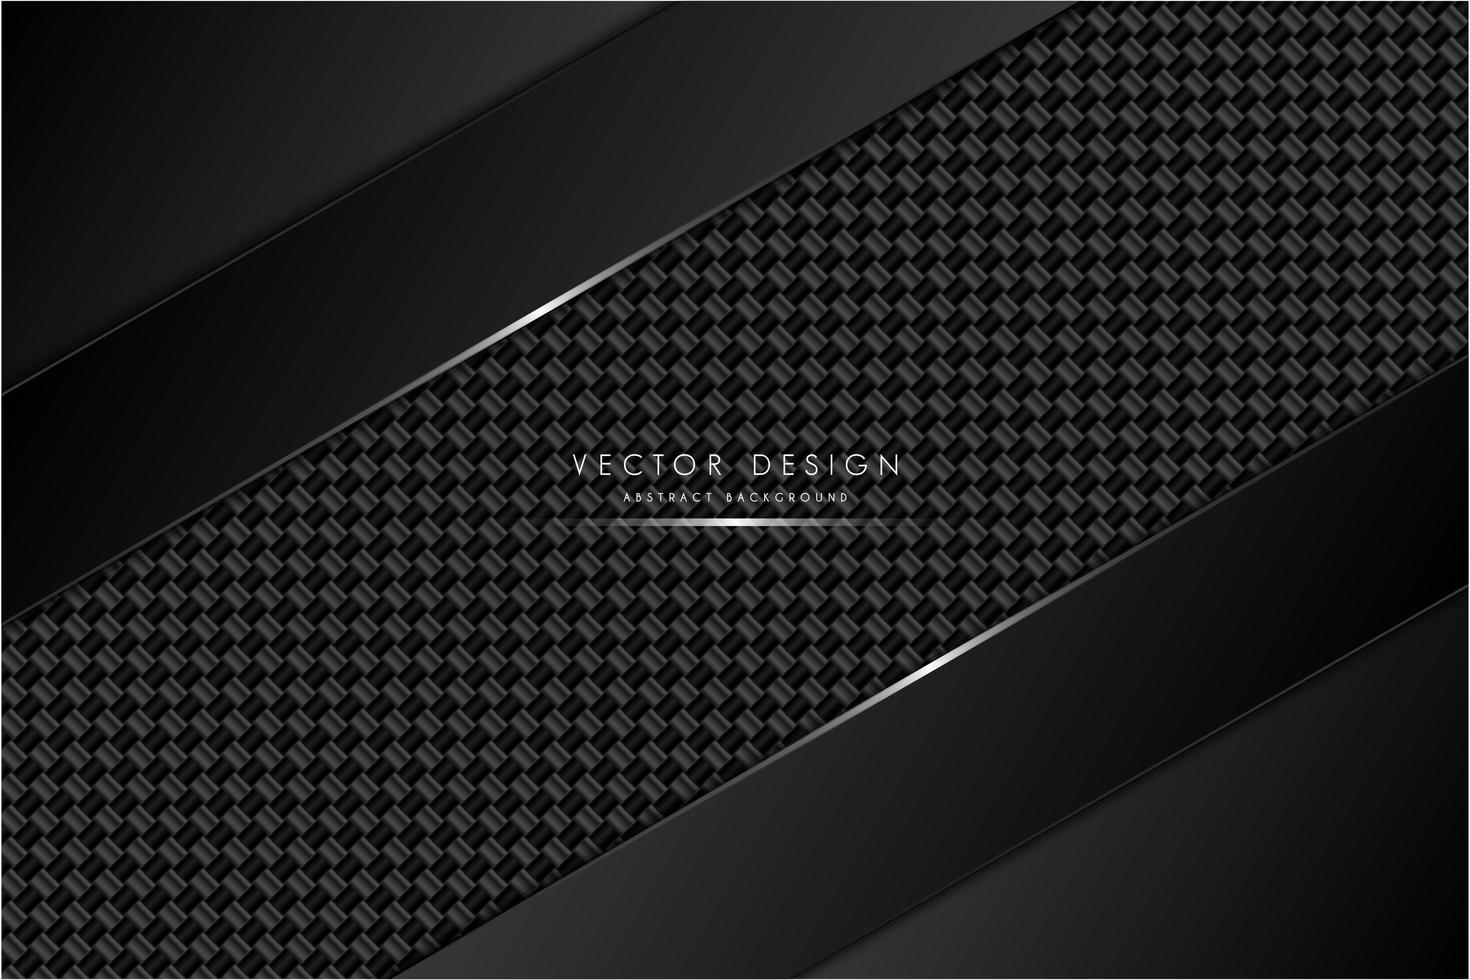 fond métallique noir et gris avec fibre de carbone vecteur